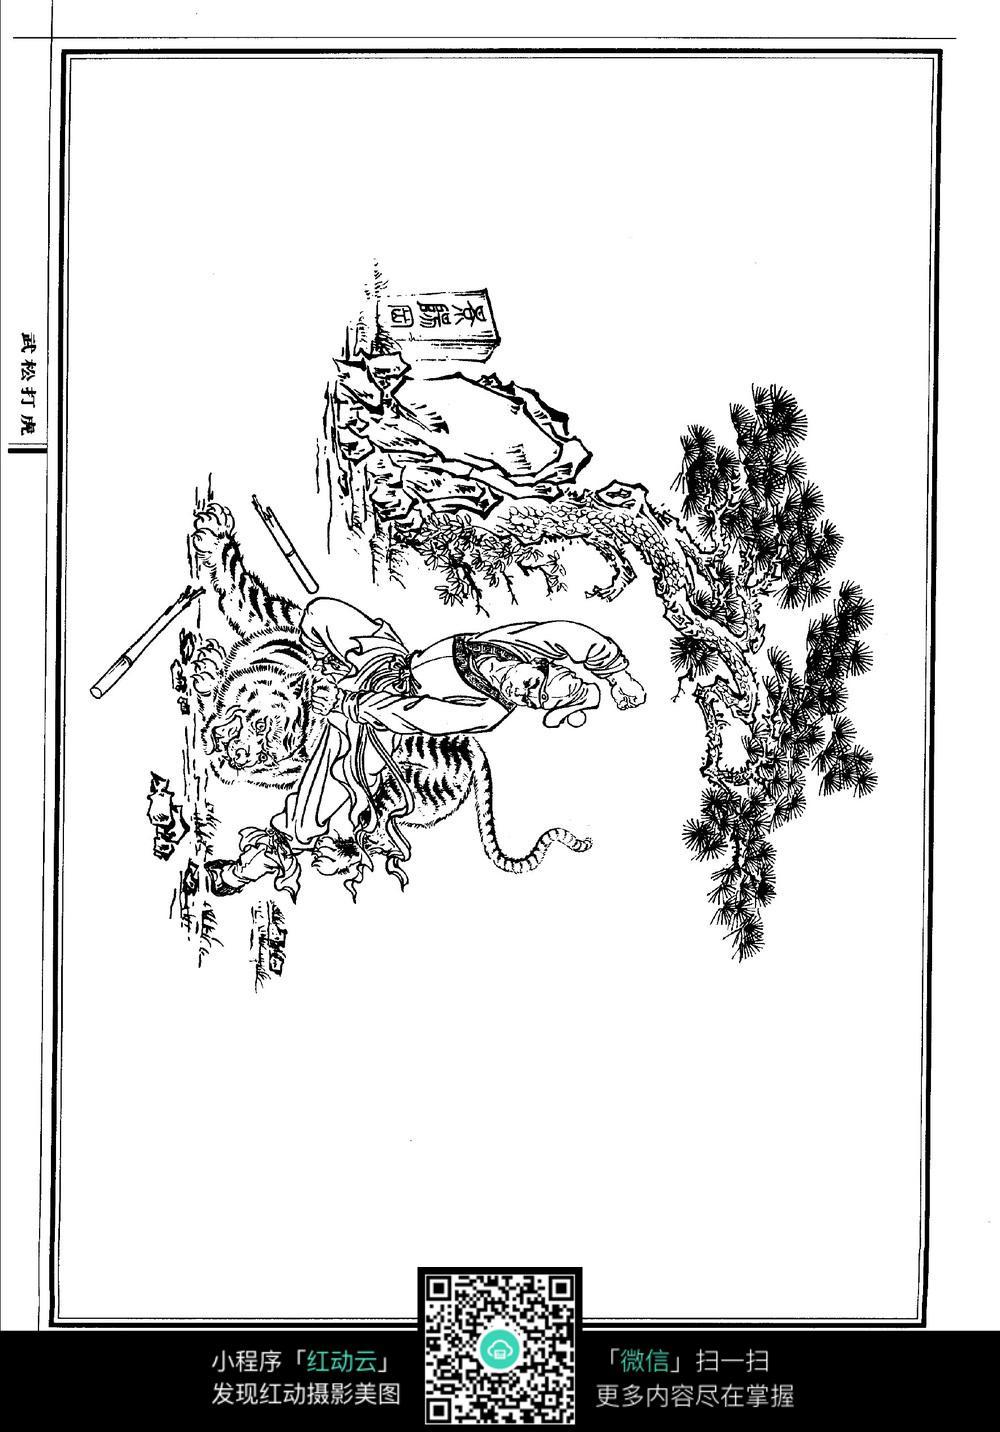 武松打虎手绘黑白线描